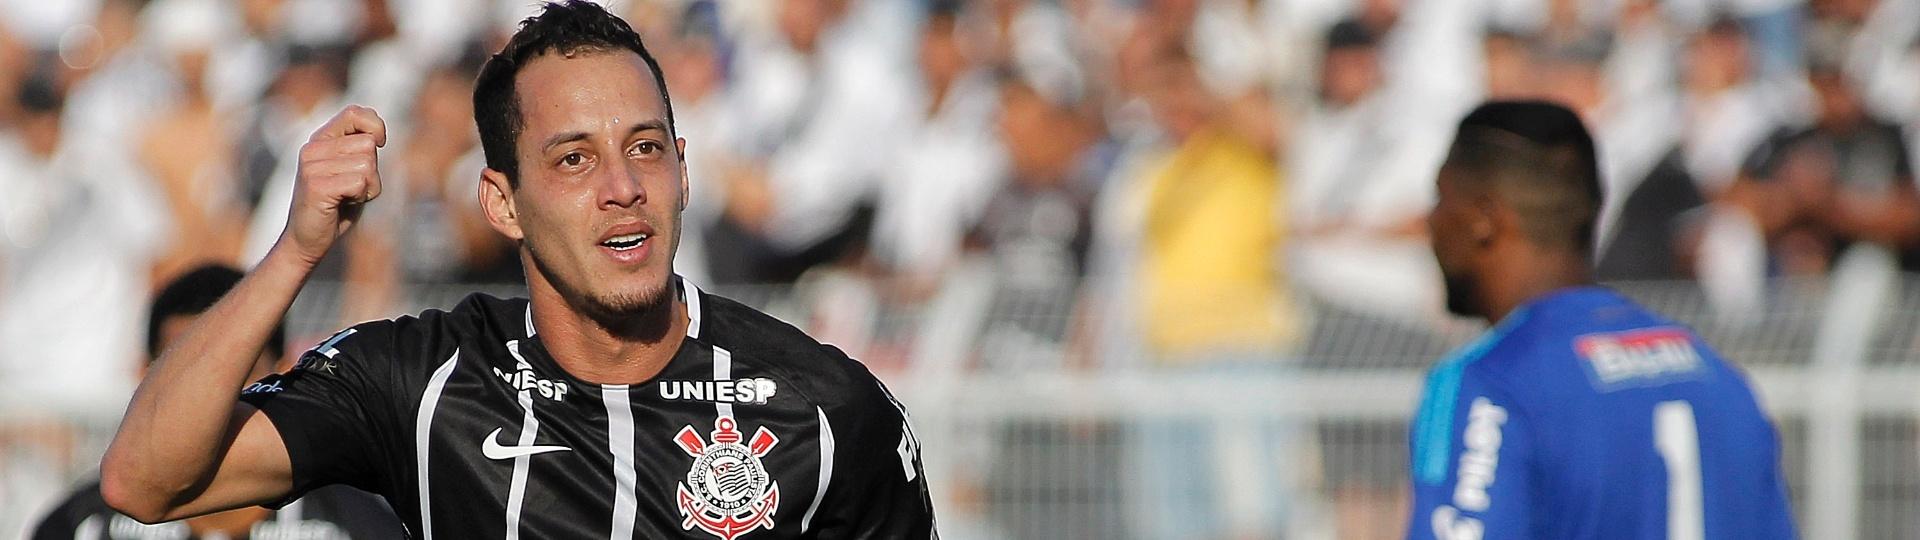 Rodriguinho comemora gol do Corinthians contra a Ponte Preta, em Campinas